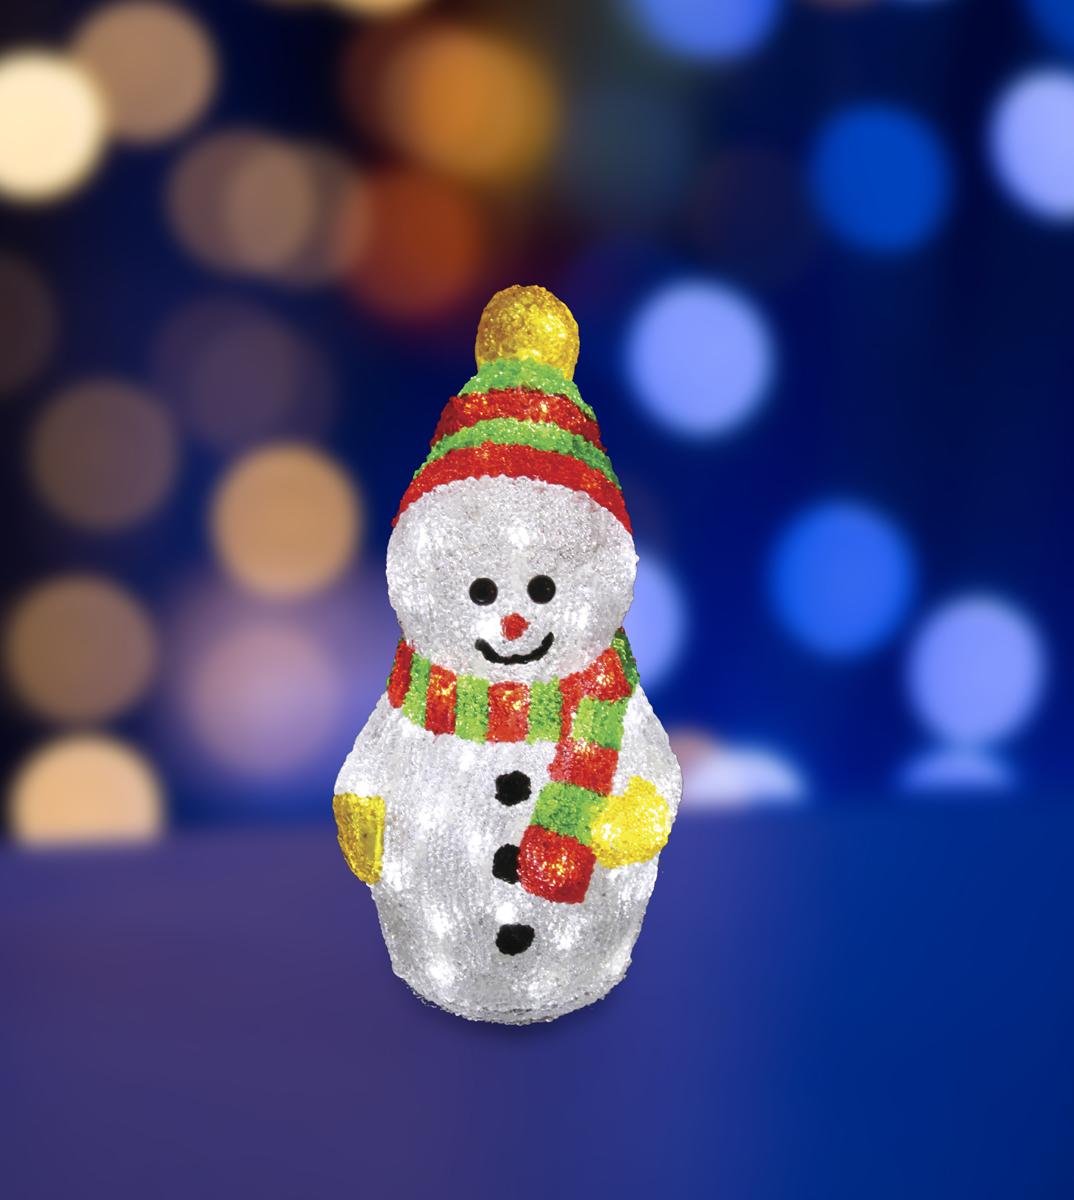 Фигура акриловая светодиодная Neon-Night Снеговик с шарфом, 40 LED, с понижающим трансформатором, 30 см фигура акриловая светодиодная neon night снеговик с шарфом 40 led с понижающим трансформатором 30 см